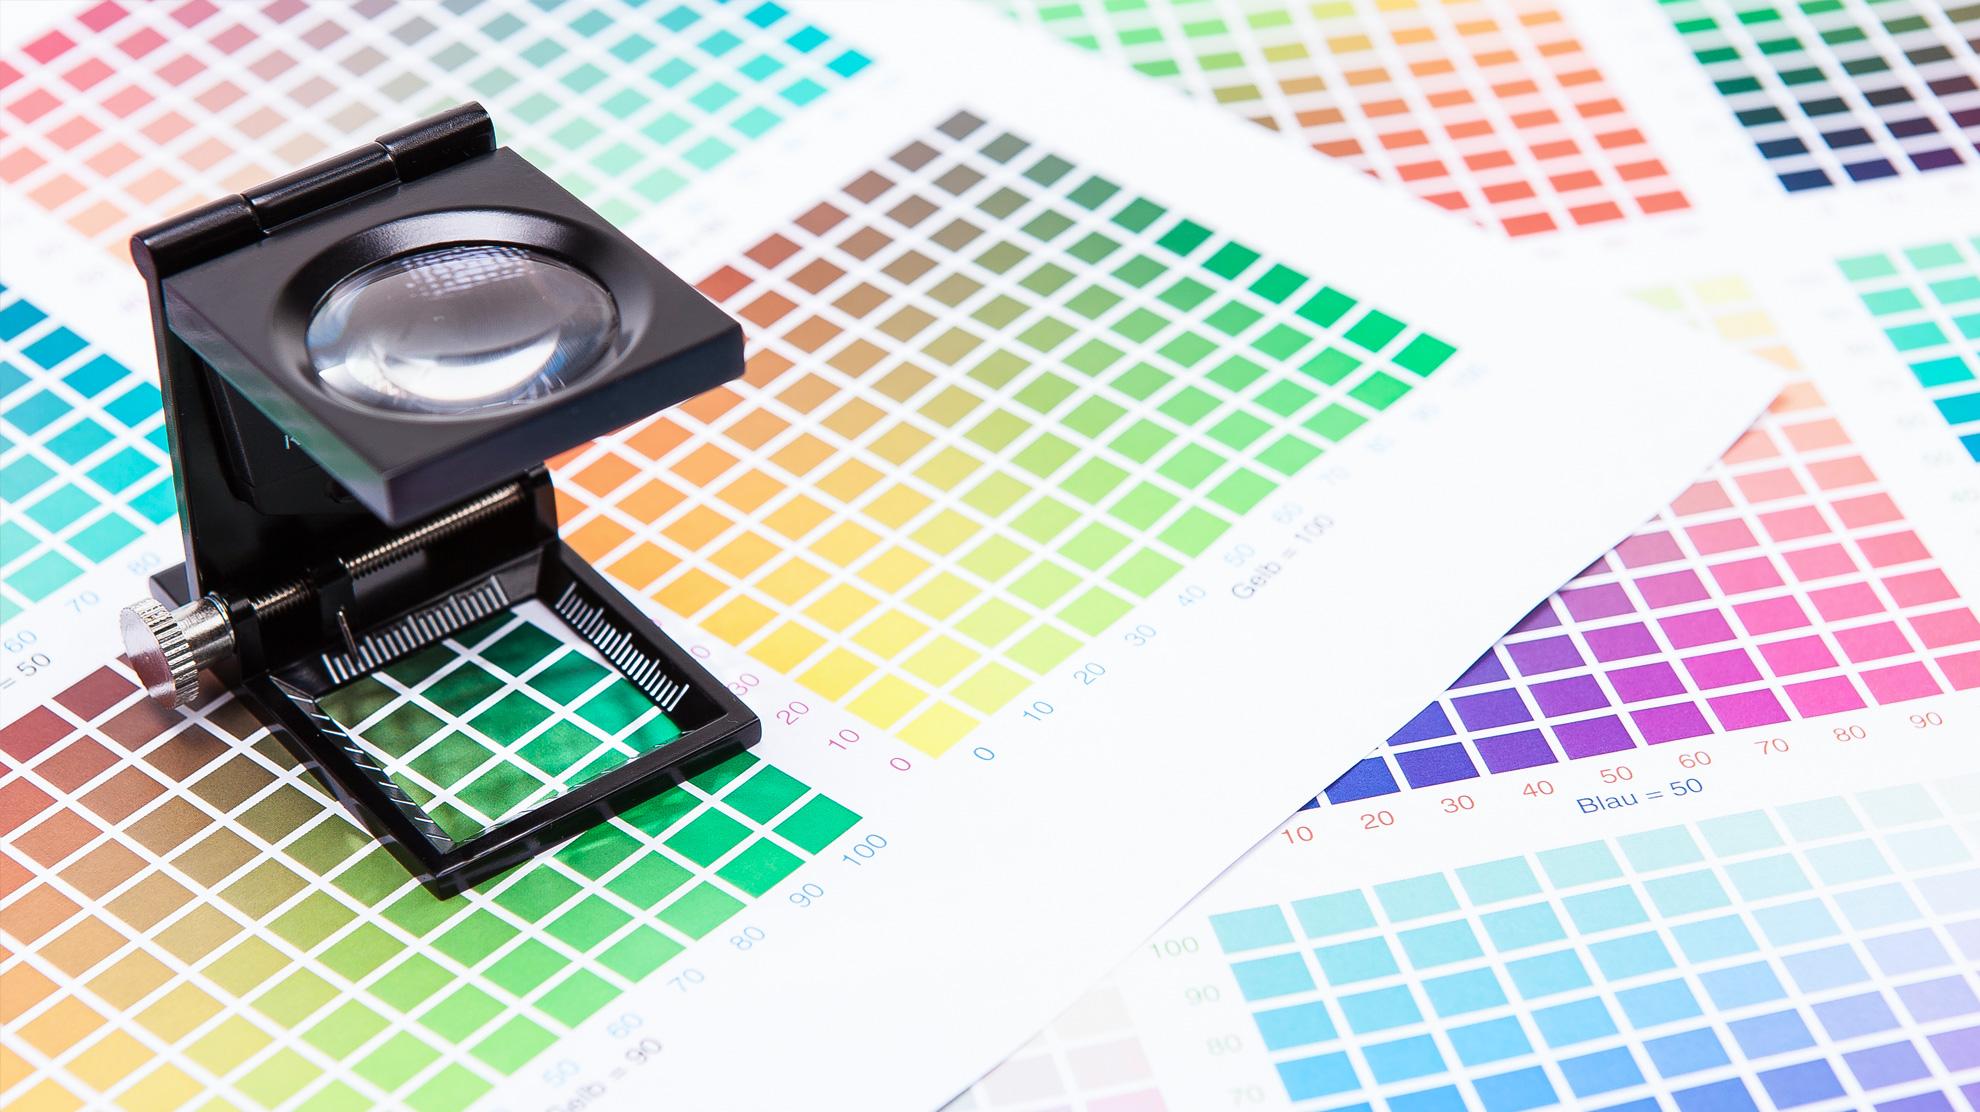 Druckproduktion: Eine Lupe liegt auf Farbmustern